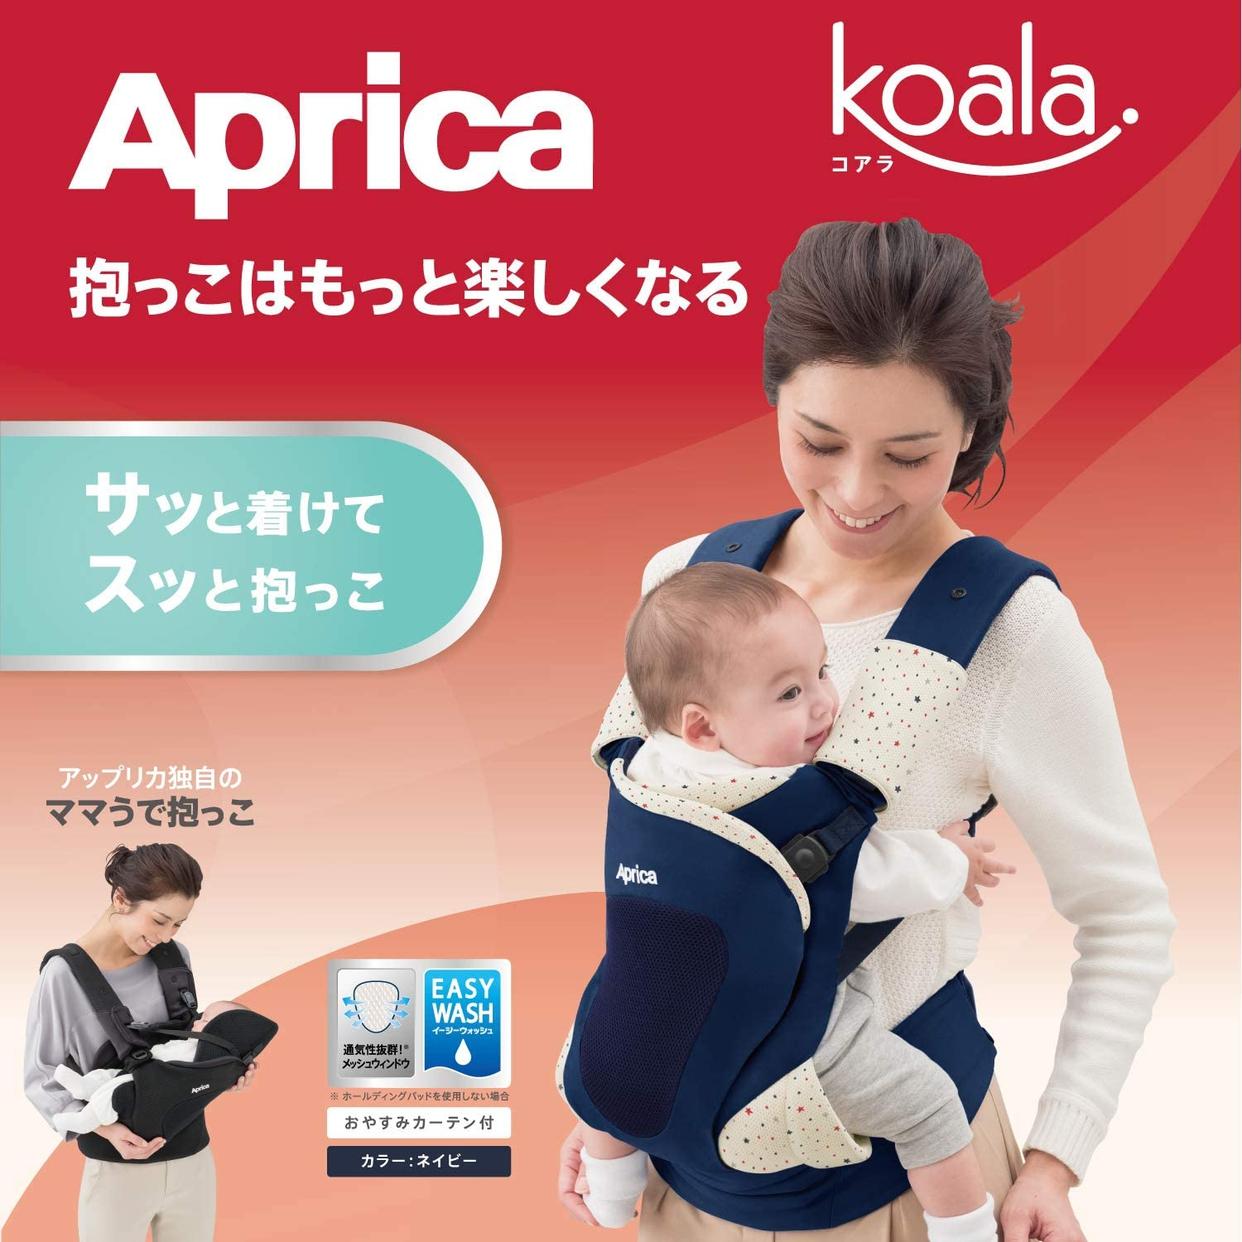 Aprica(アップリカ) コアラの商品画像3